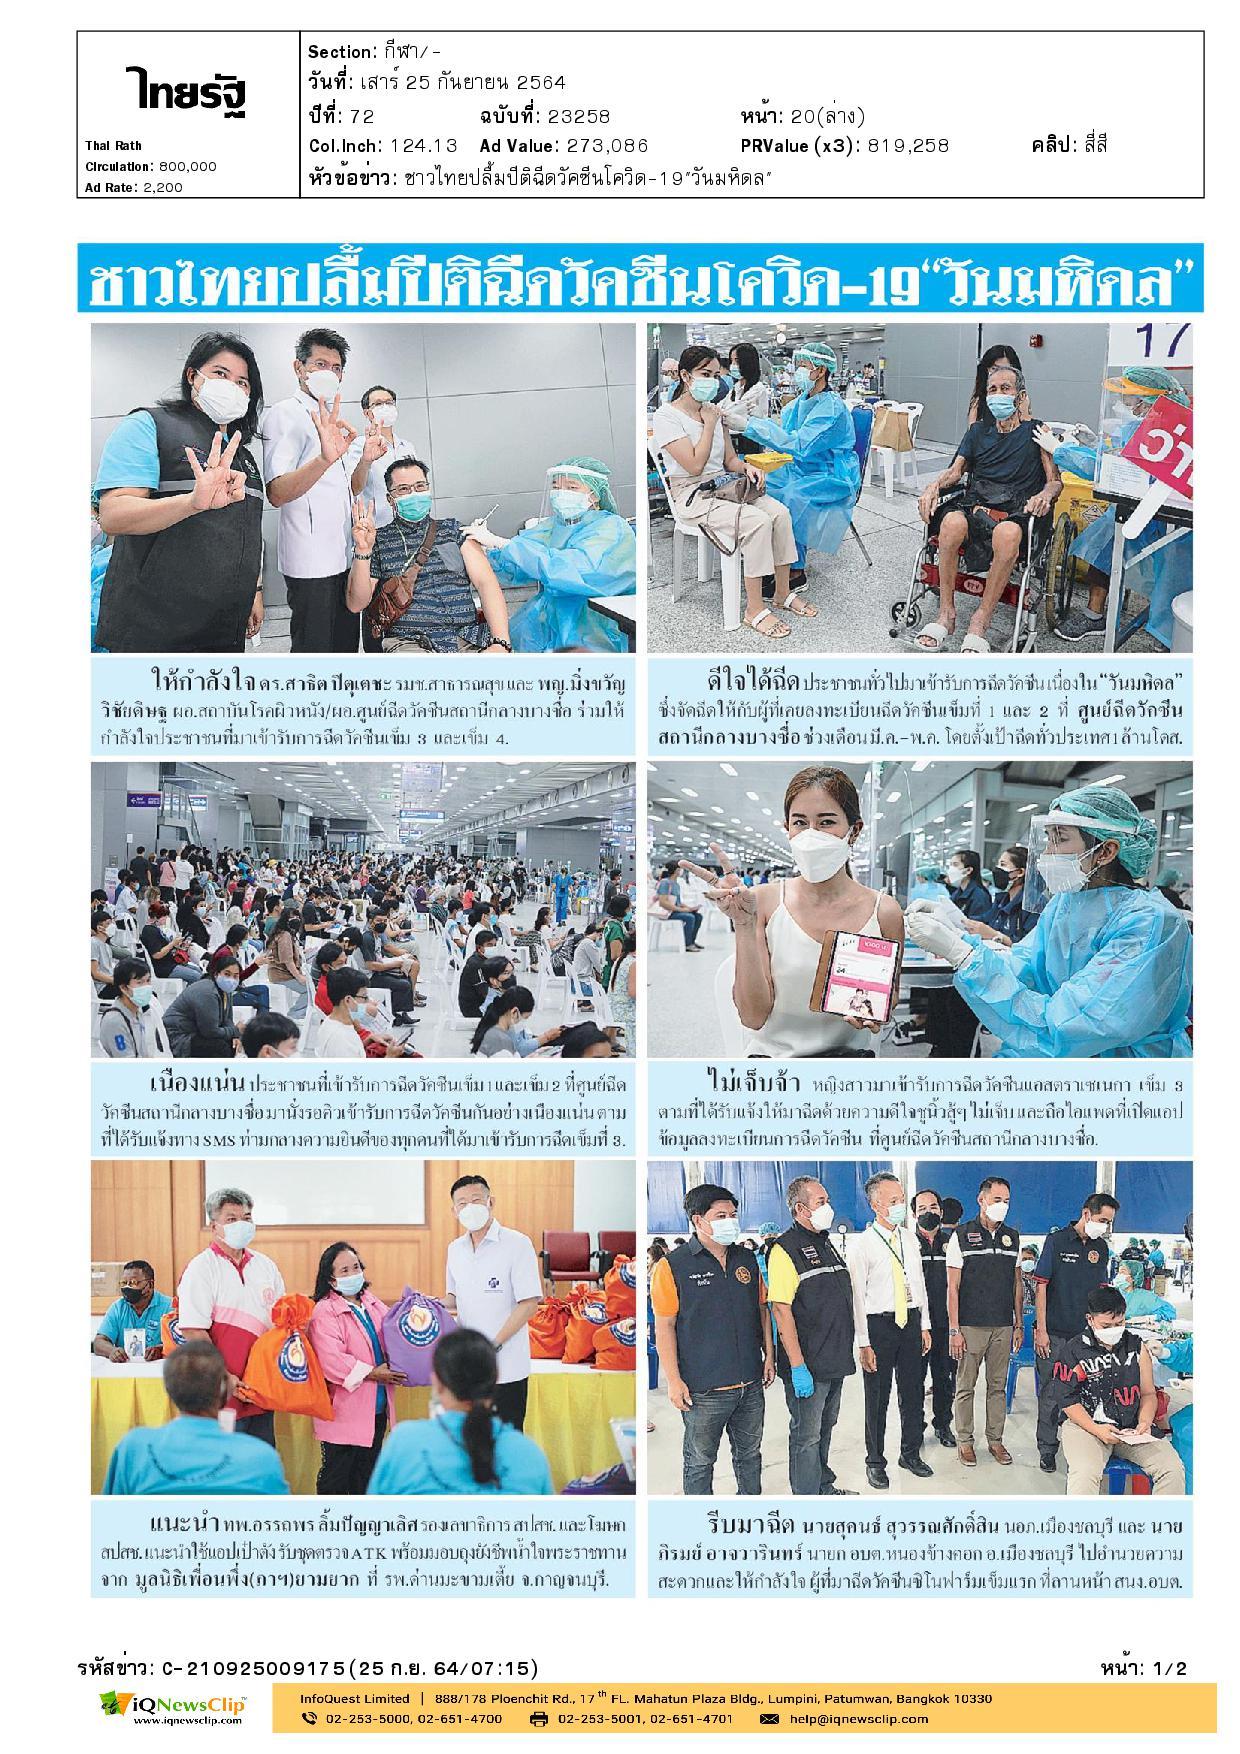 มอบถุงยังชีพน้ำใจพระราชทาน จาก มูลนิธิอาสาเพื่อนพึ่ง (ภาฯ) ยามยาก สภากาชาดไทย